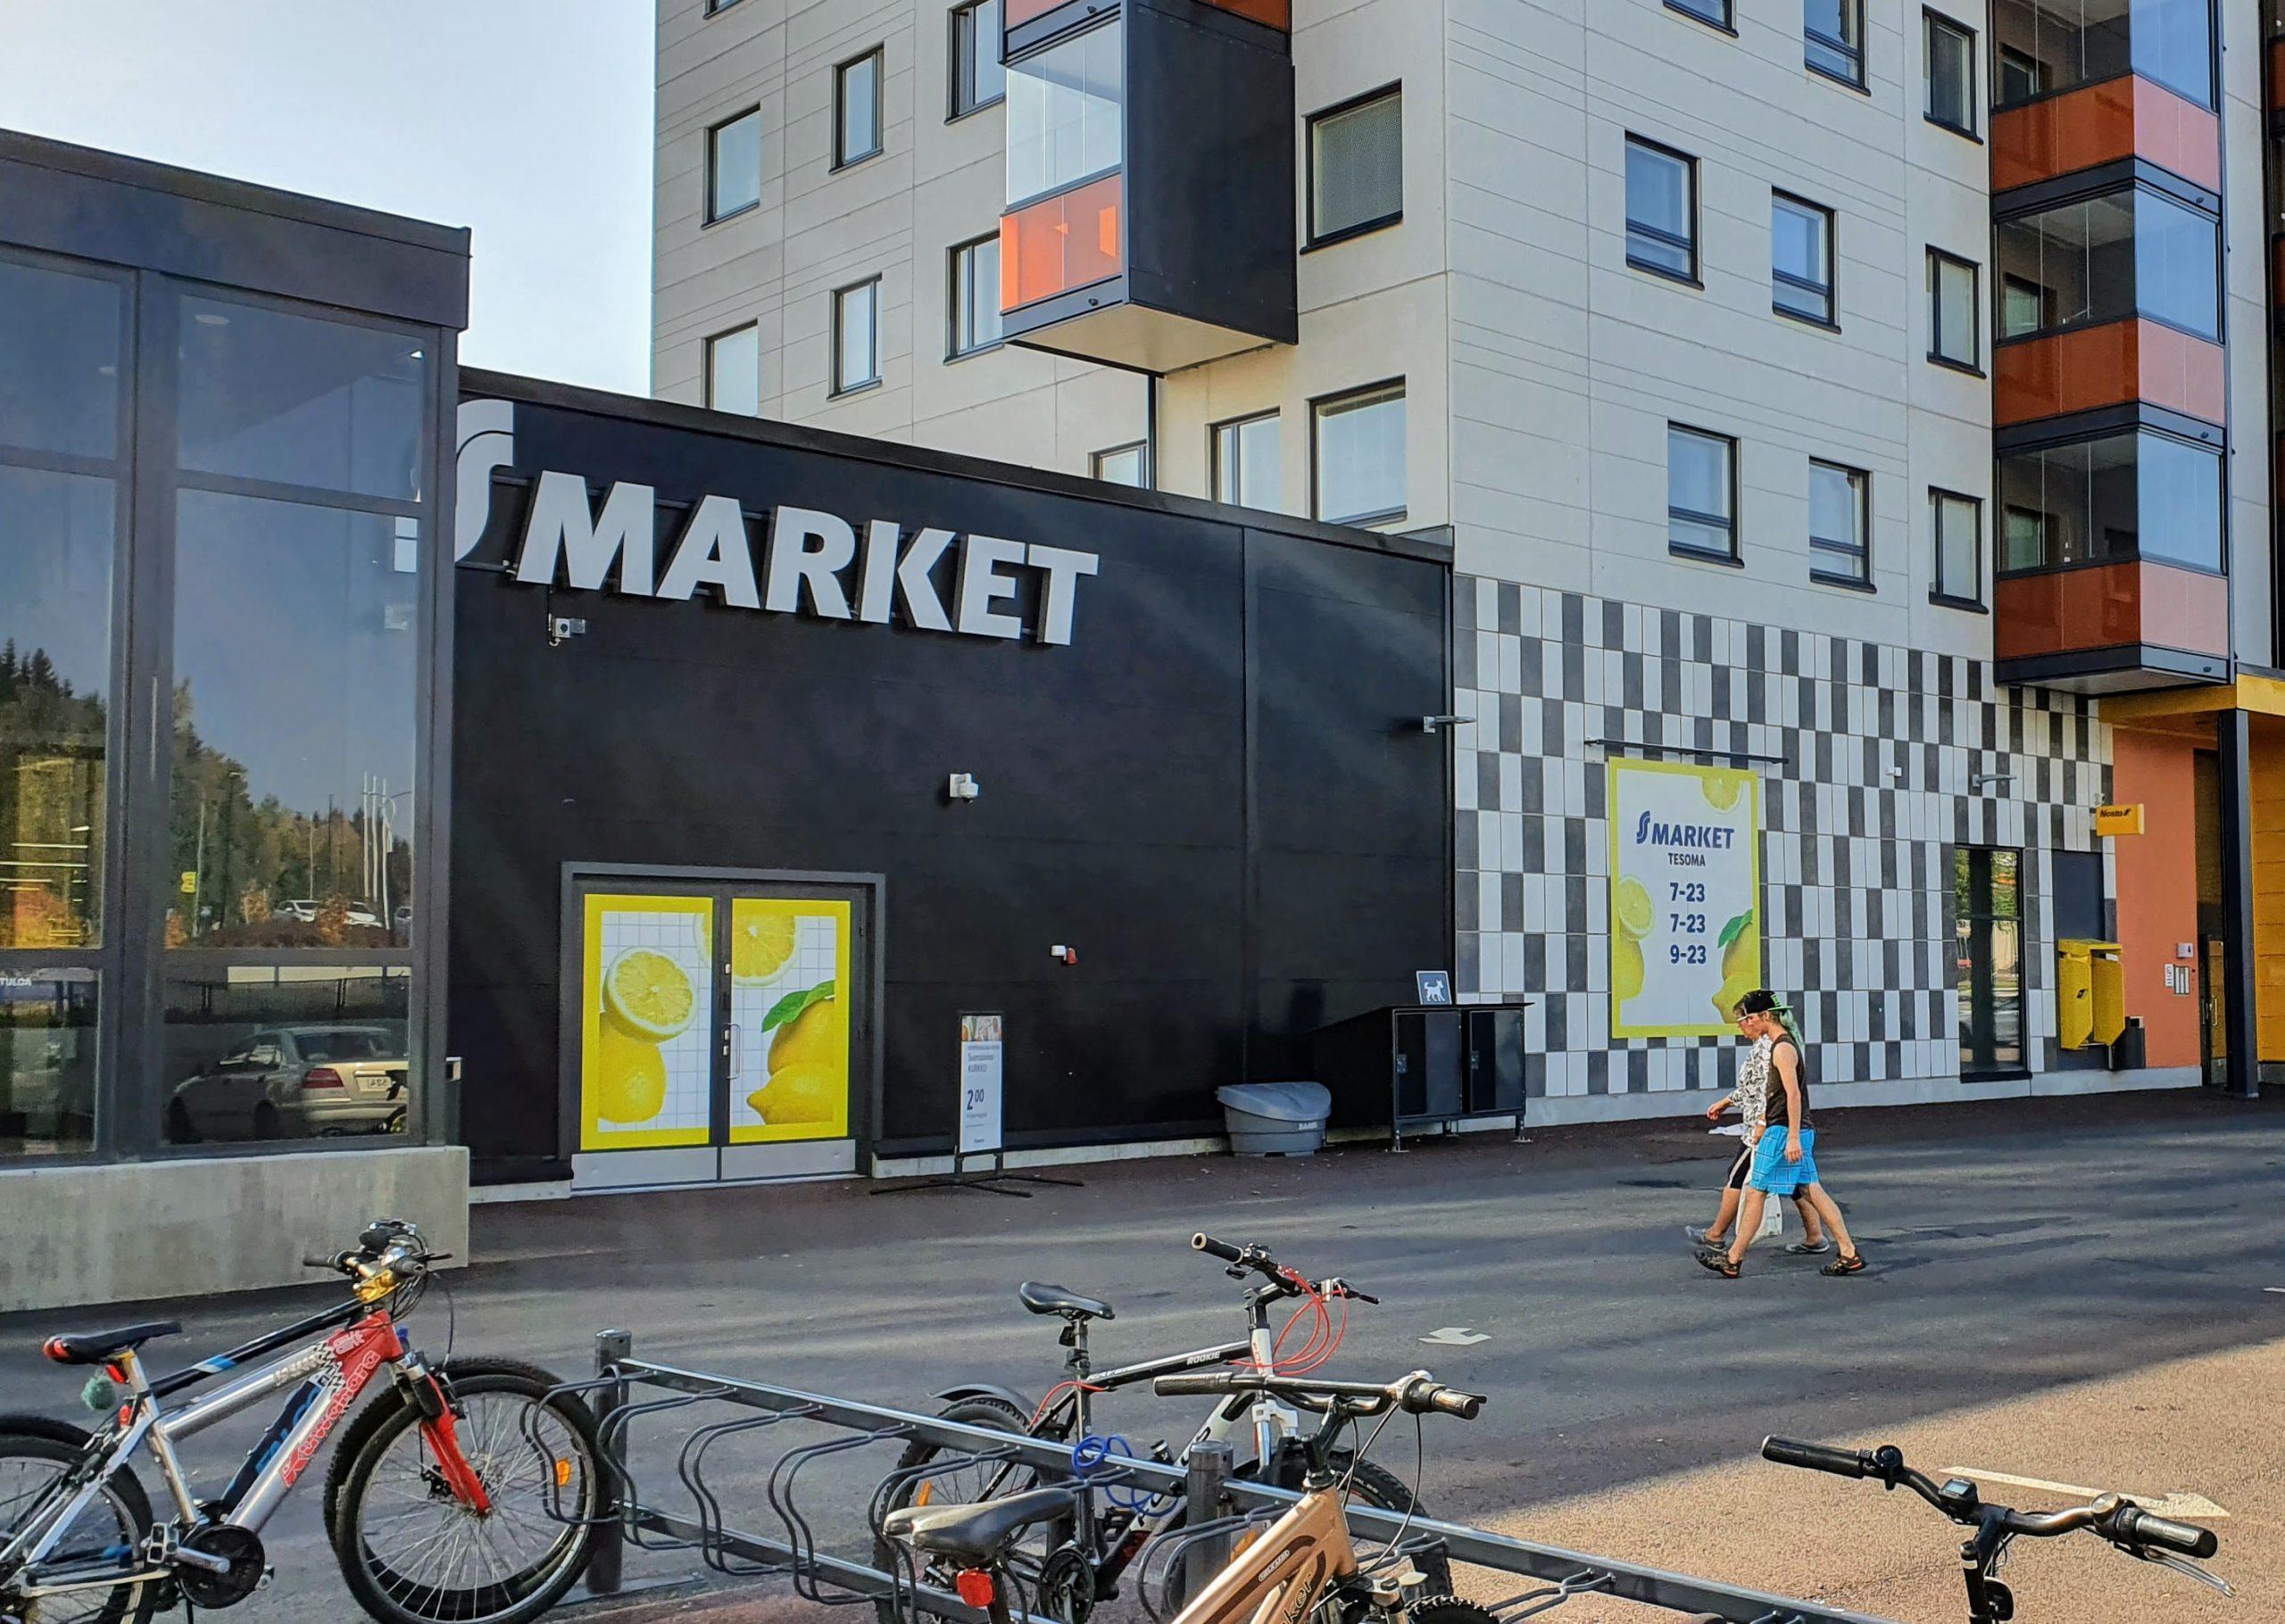 S-Market Tesoma